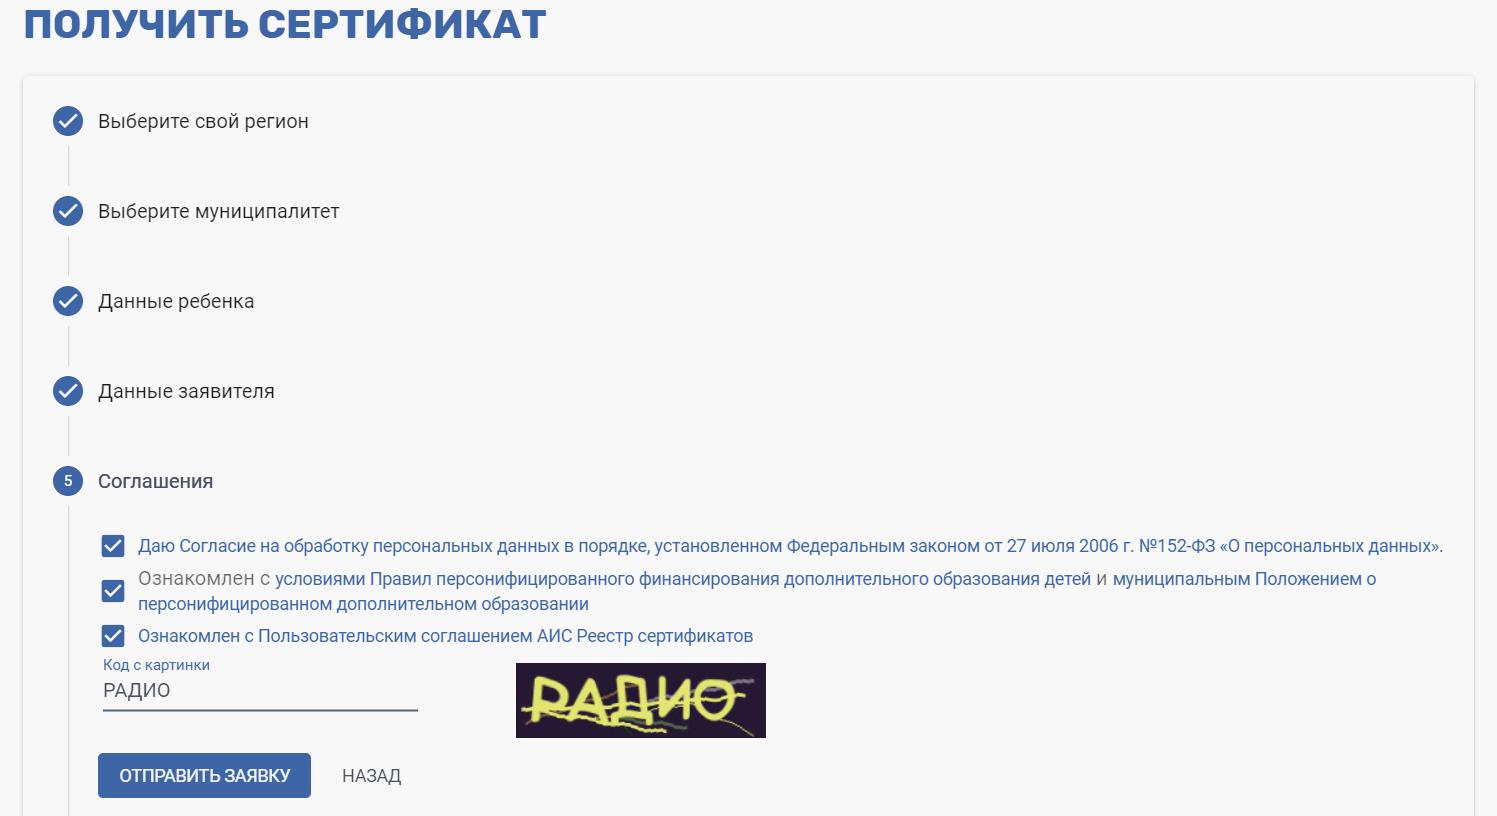 Получение сертификата на портале ПФДО